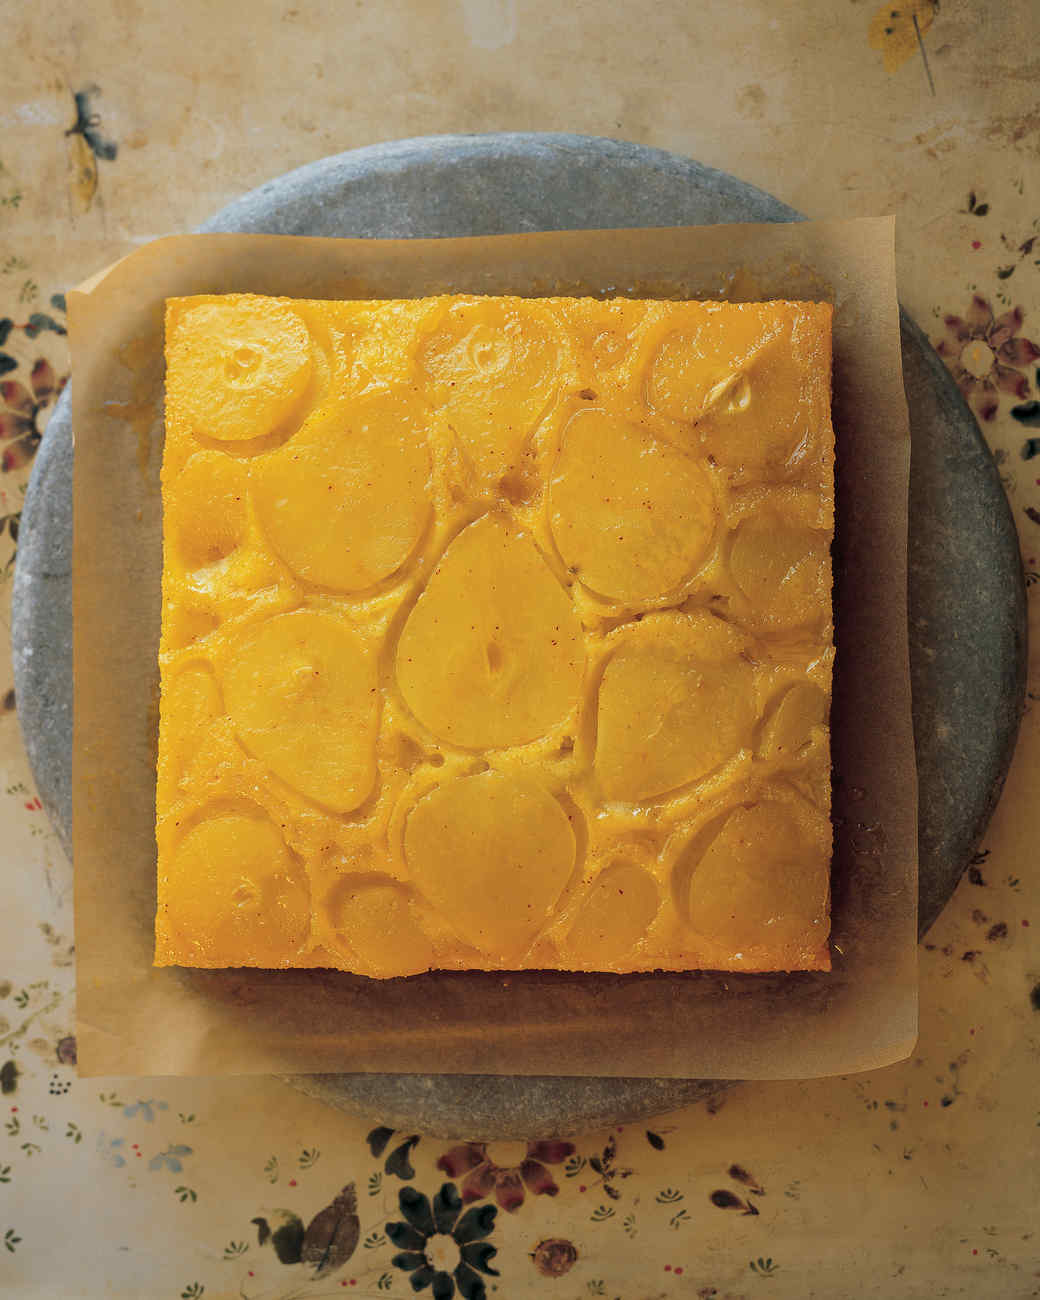 Saffron-Scented Pear Upside-Down Cake